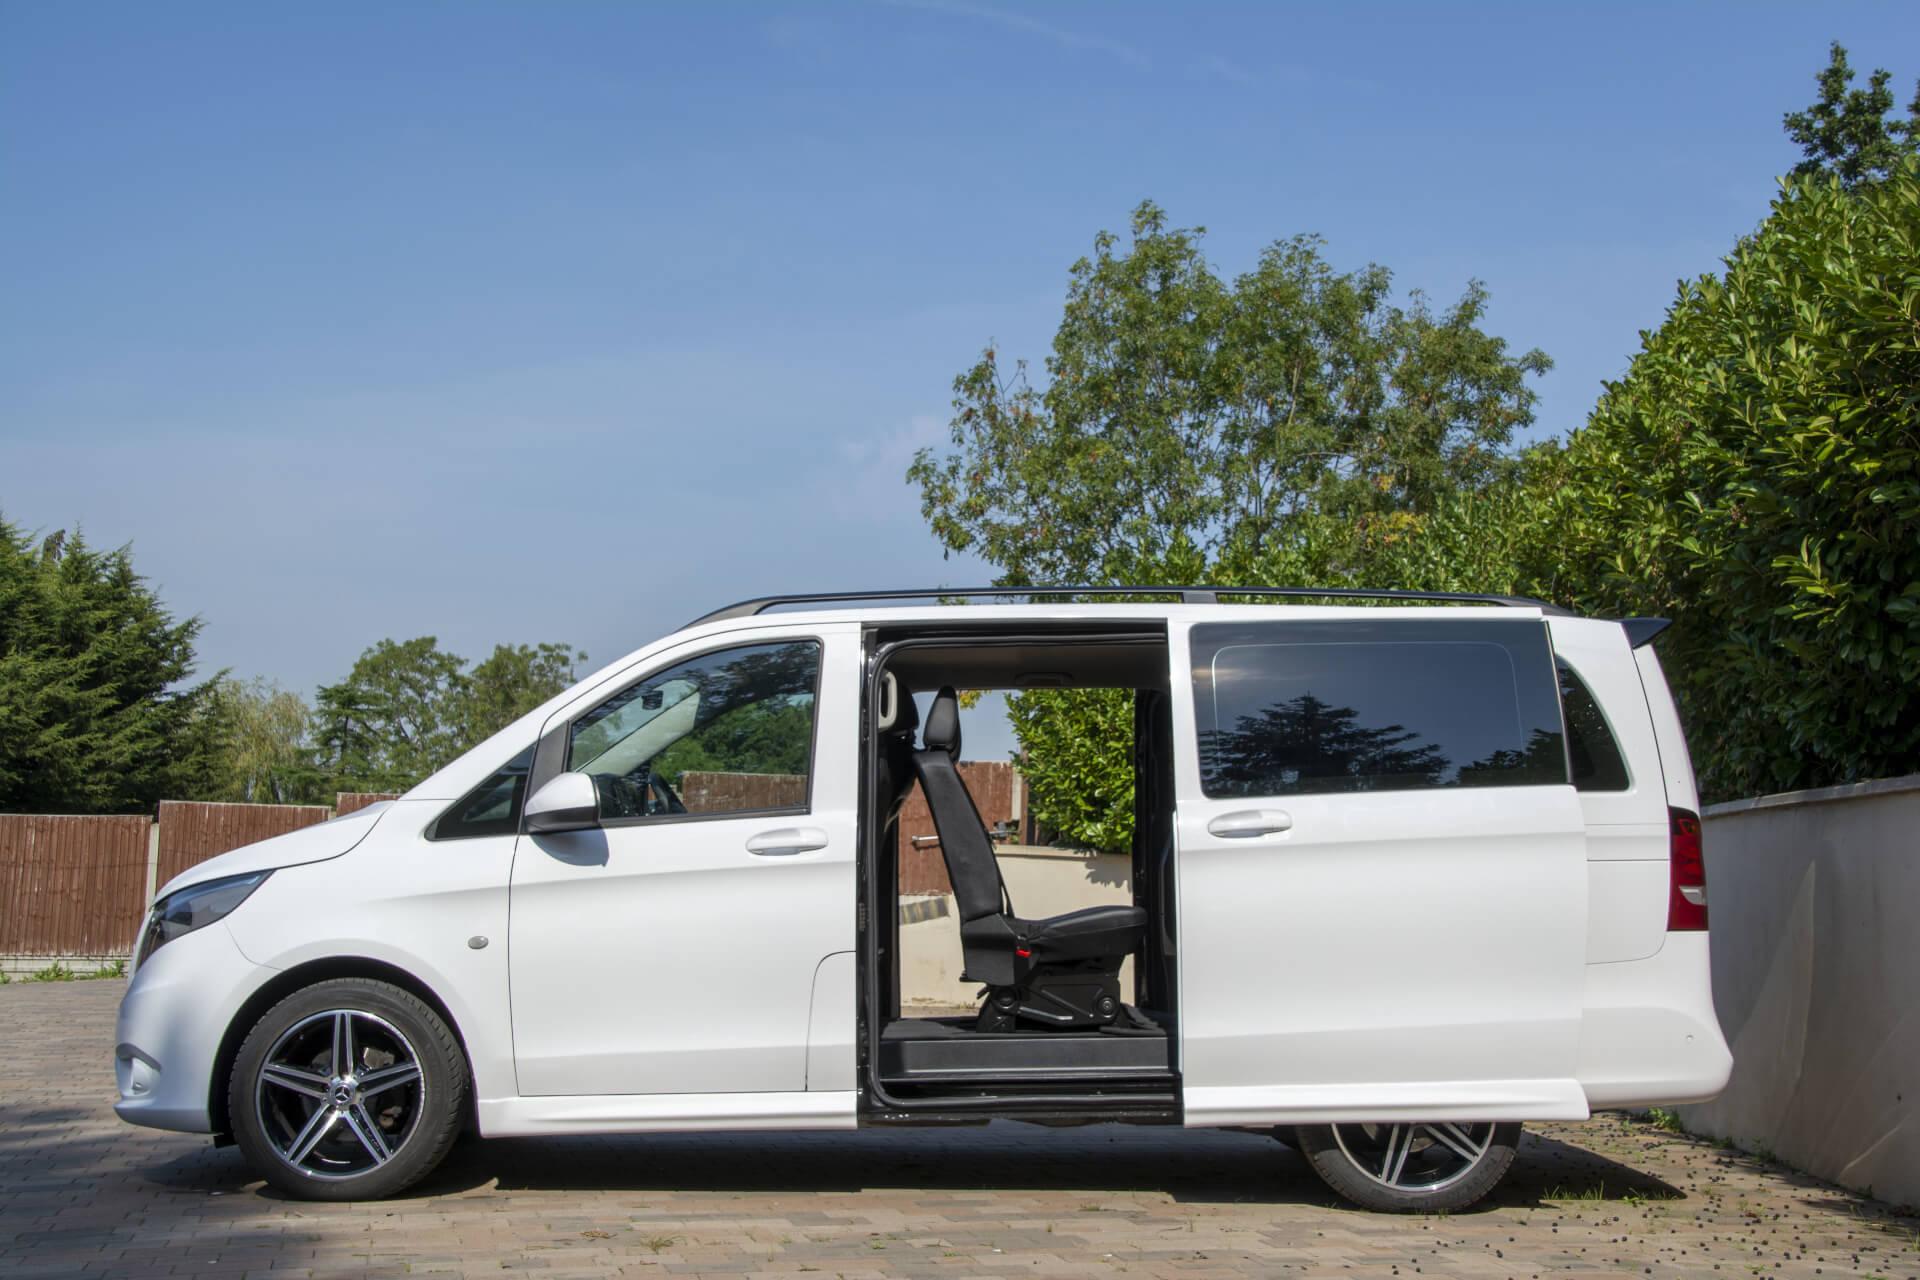 Mercedes Viano side doors opened